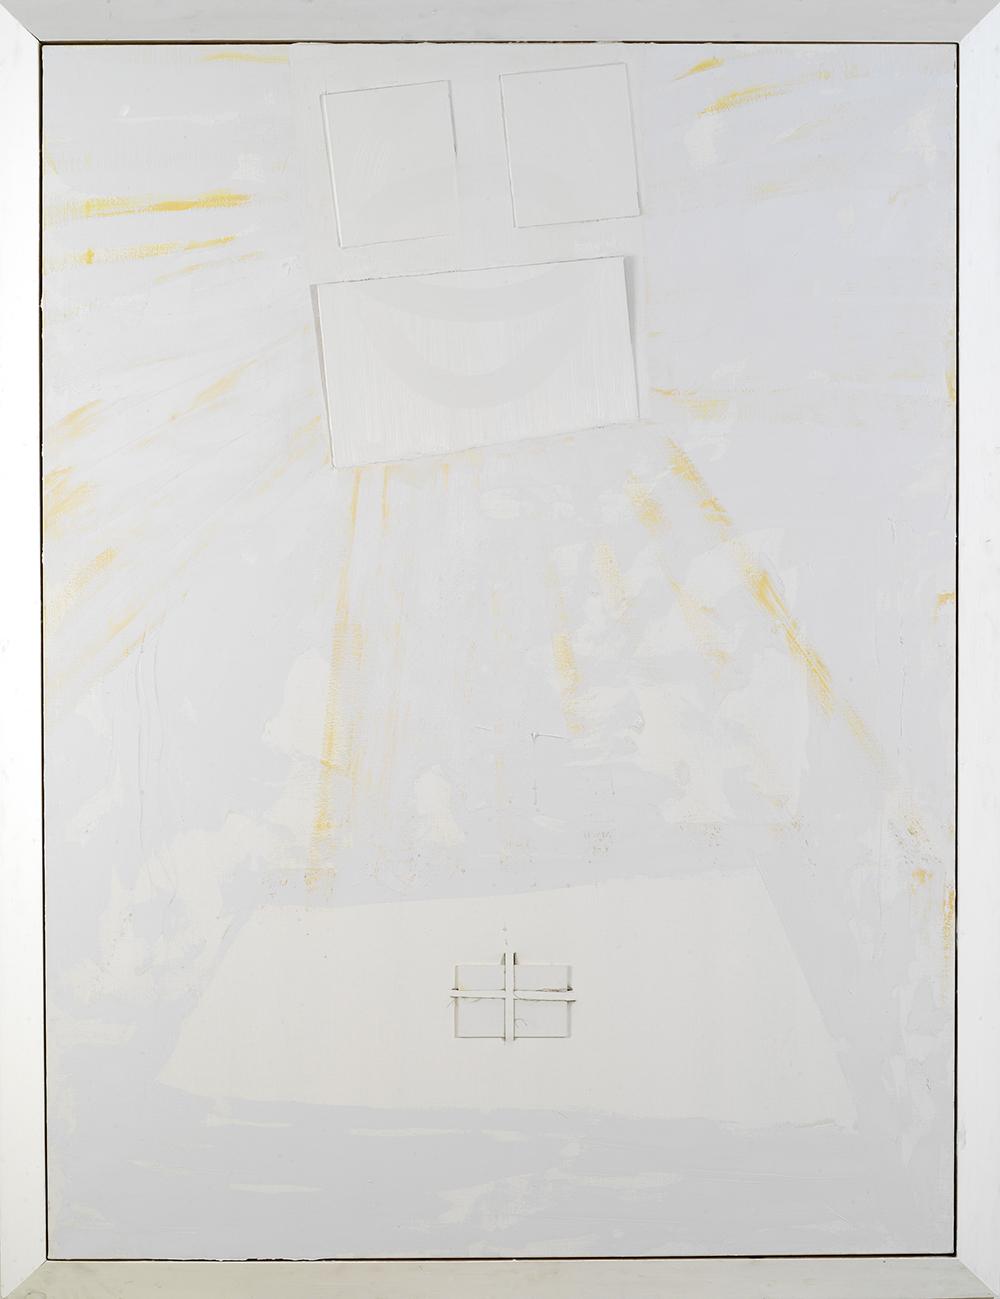 Gianni Dessì, Velo chiaro, 2006, olio su cartoncino telato, tela e legno, cm 221x171